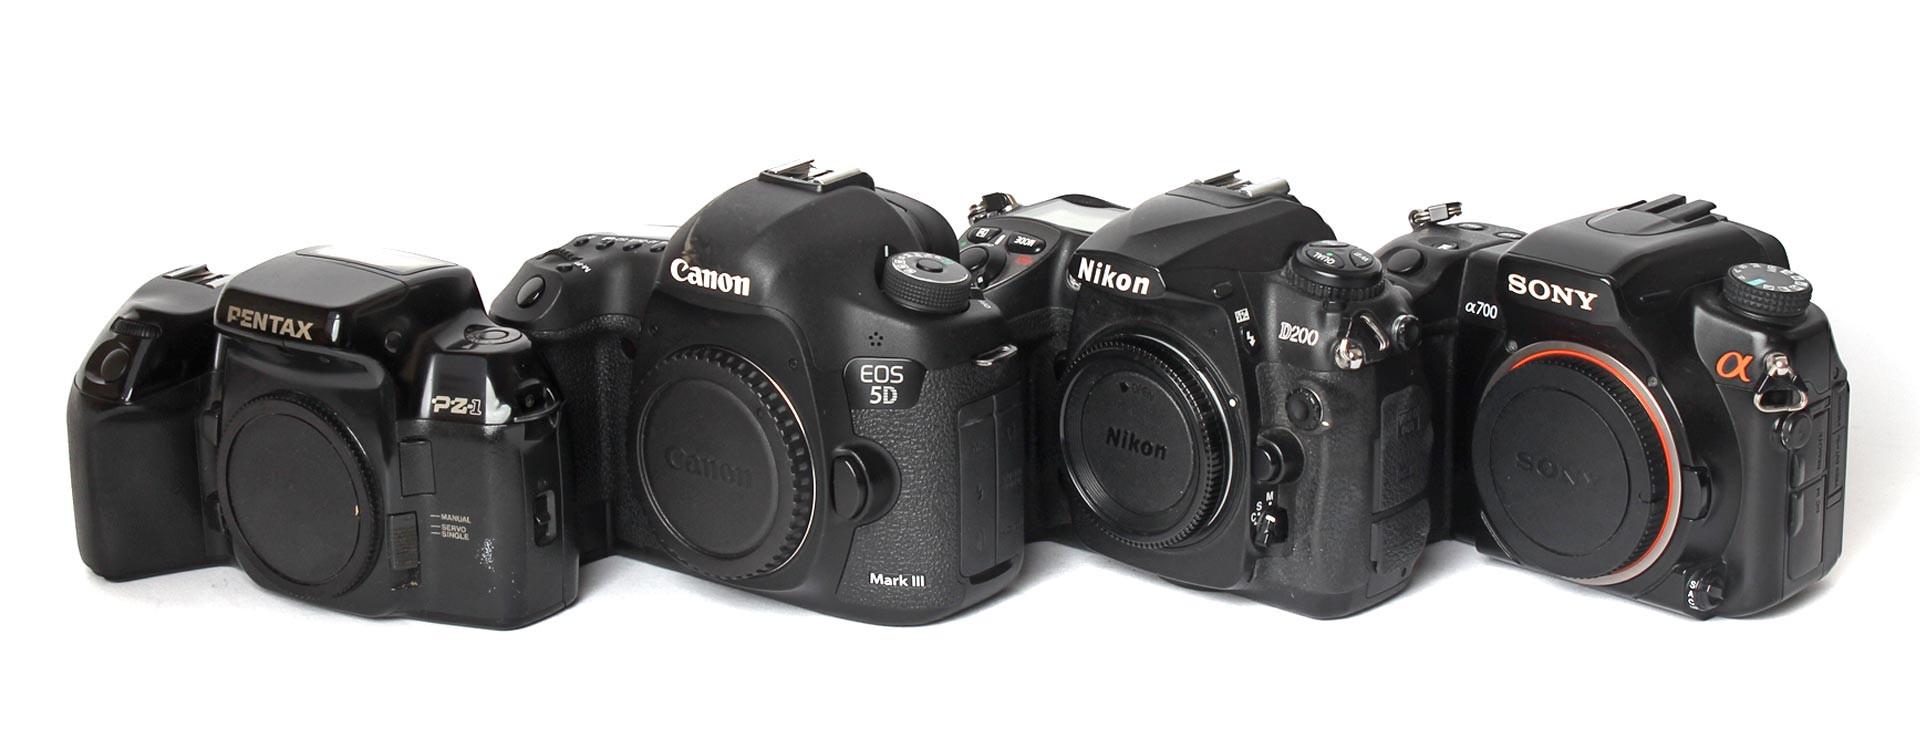 Jaki aparat fotograficzny kupić na wakacje - nowy czy używany - jak sprawdzić twoją cyfrówkę?